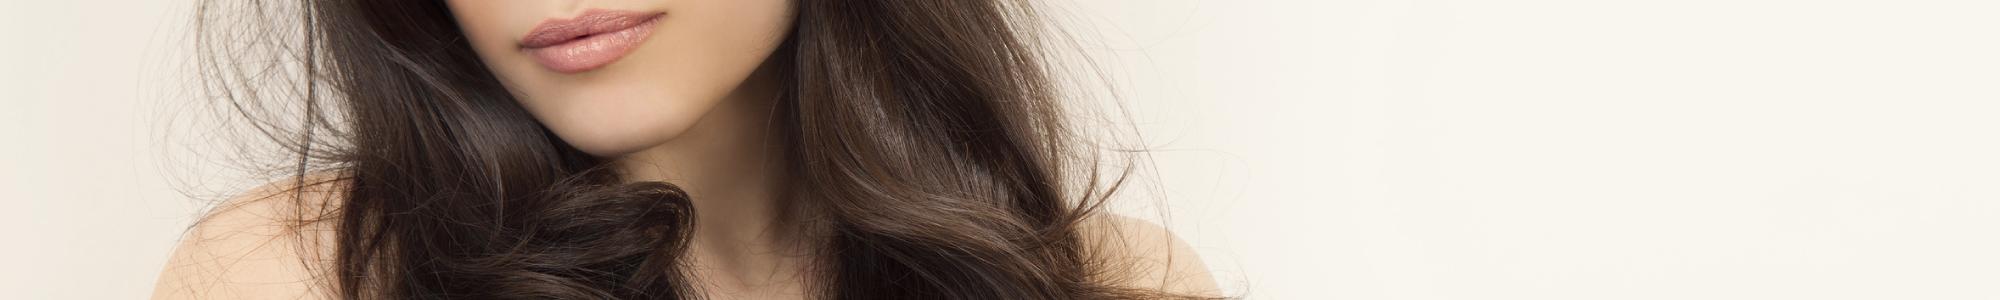 Shampoings et soins naturels biologiques pour cheveux normaux